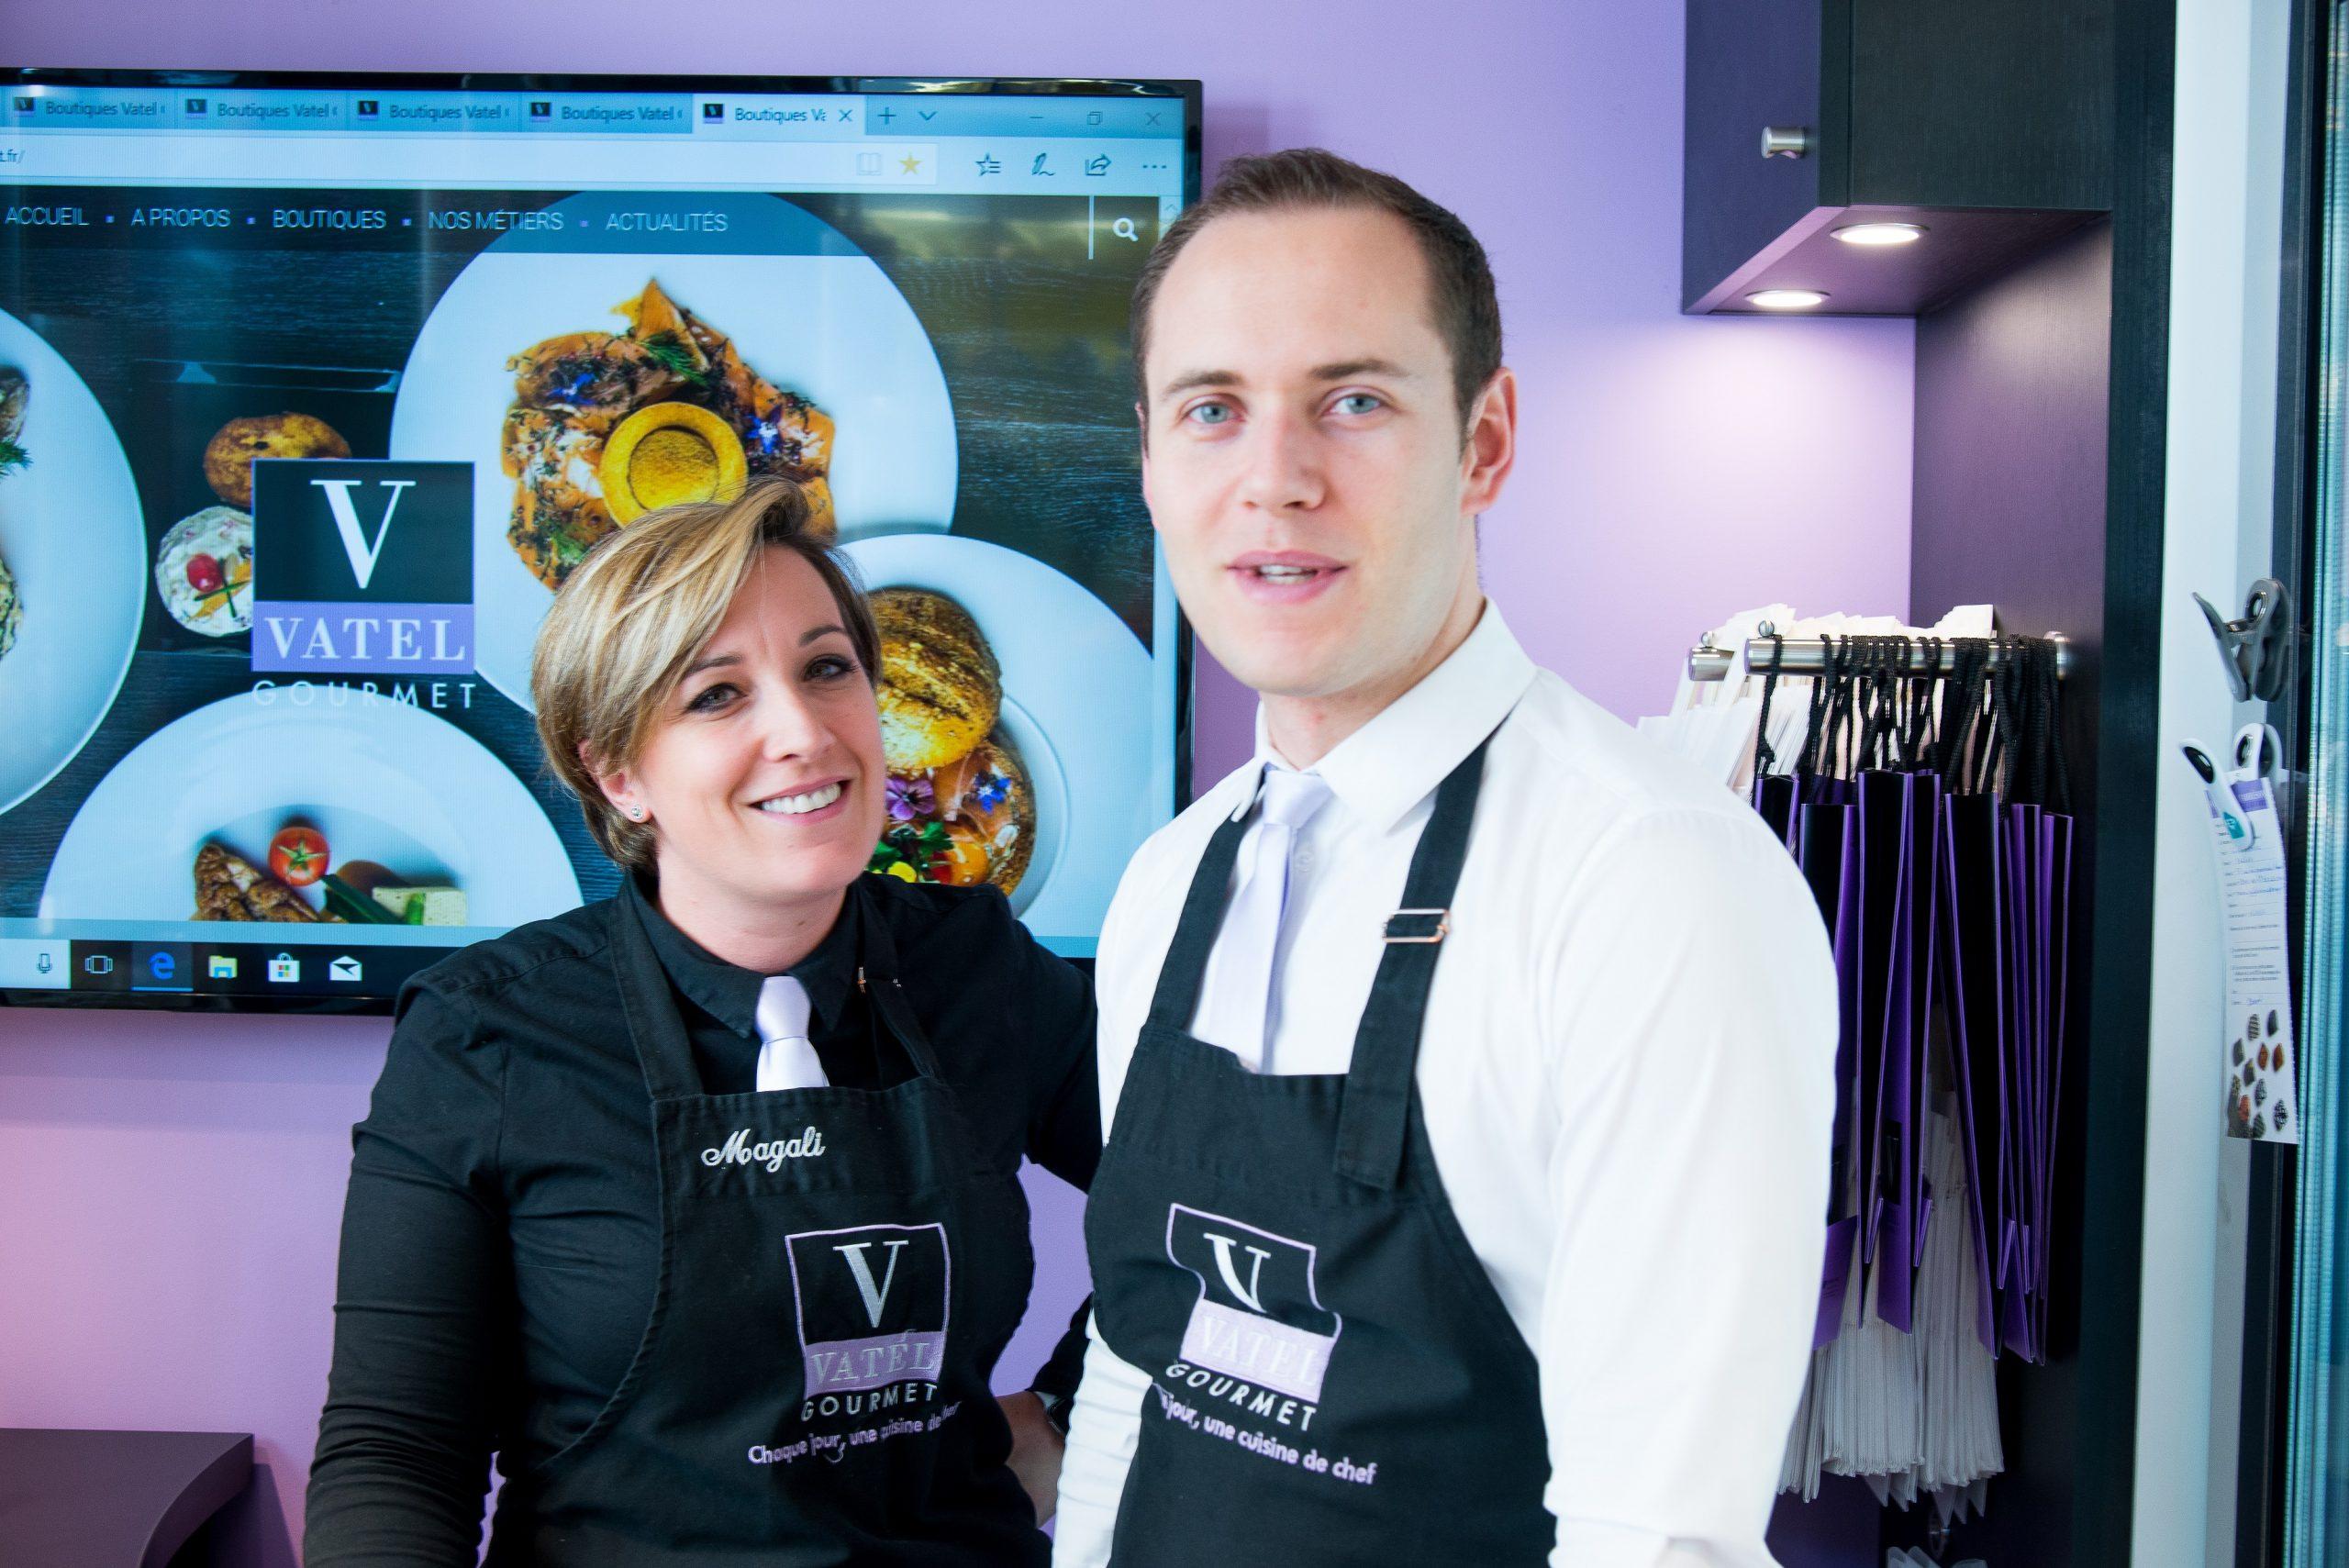 Equipe accueil Vatel Gourmet GHD Lyon